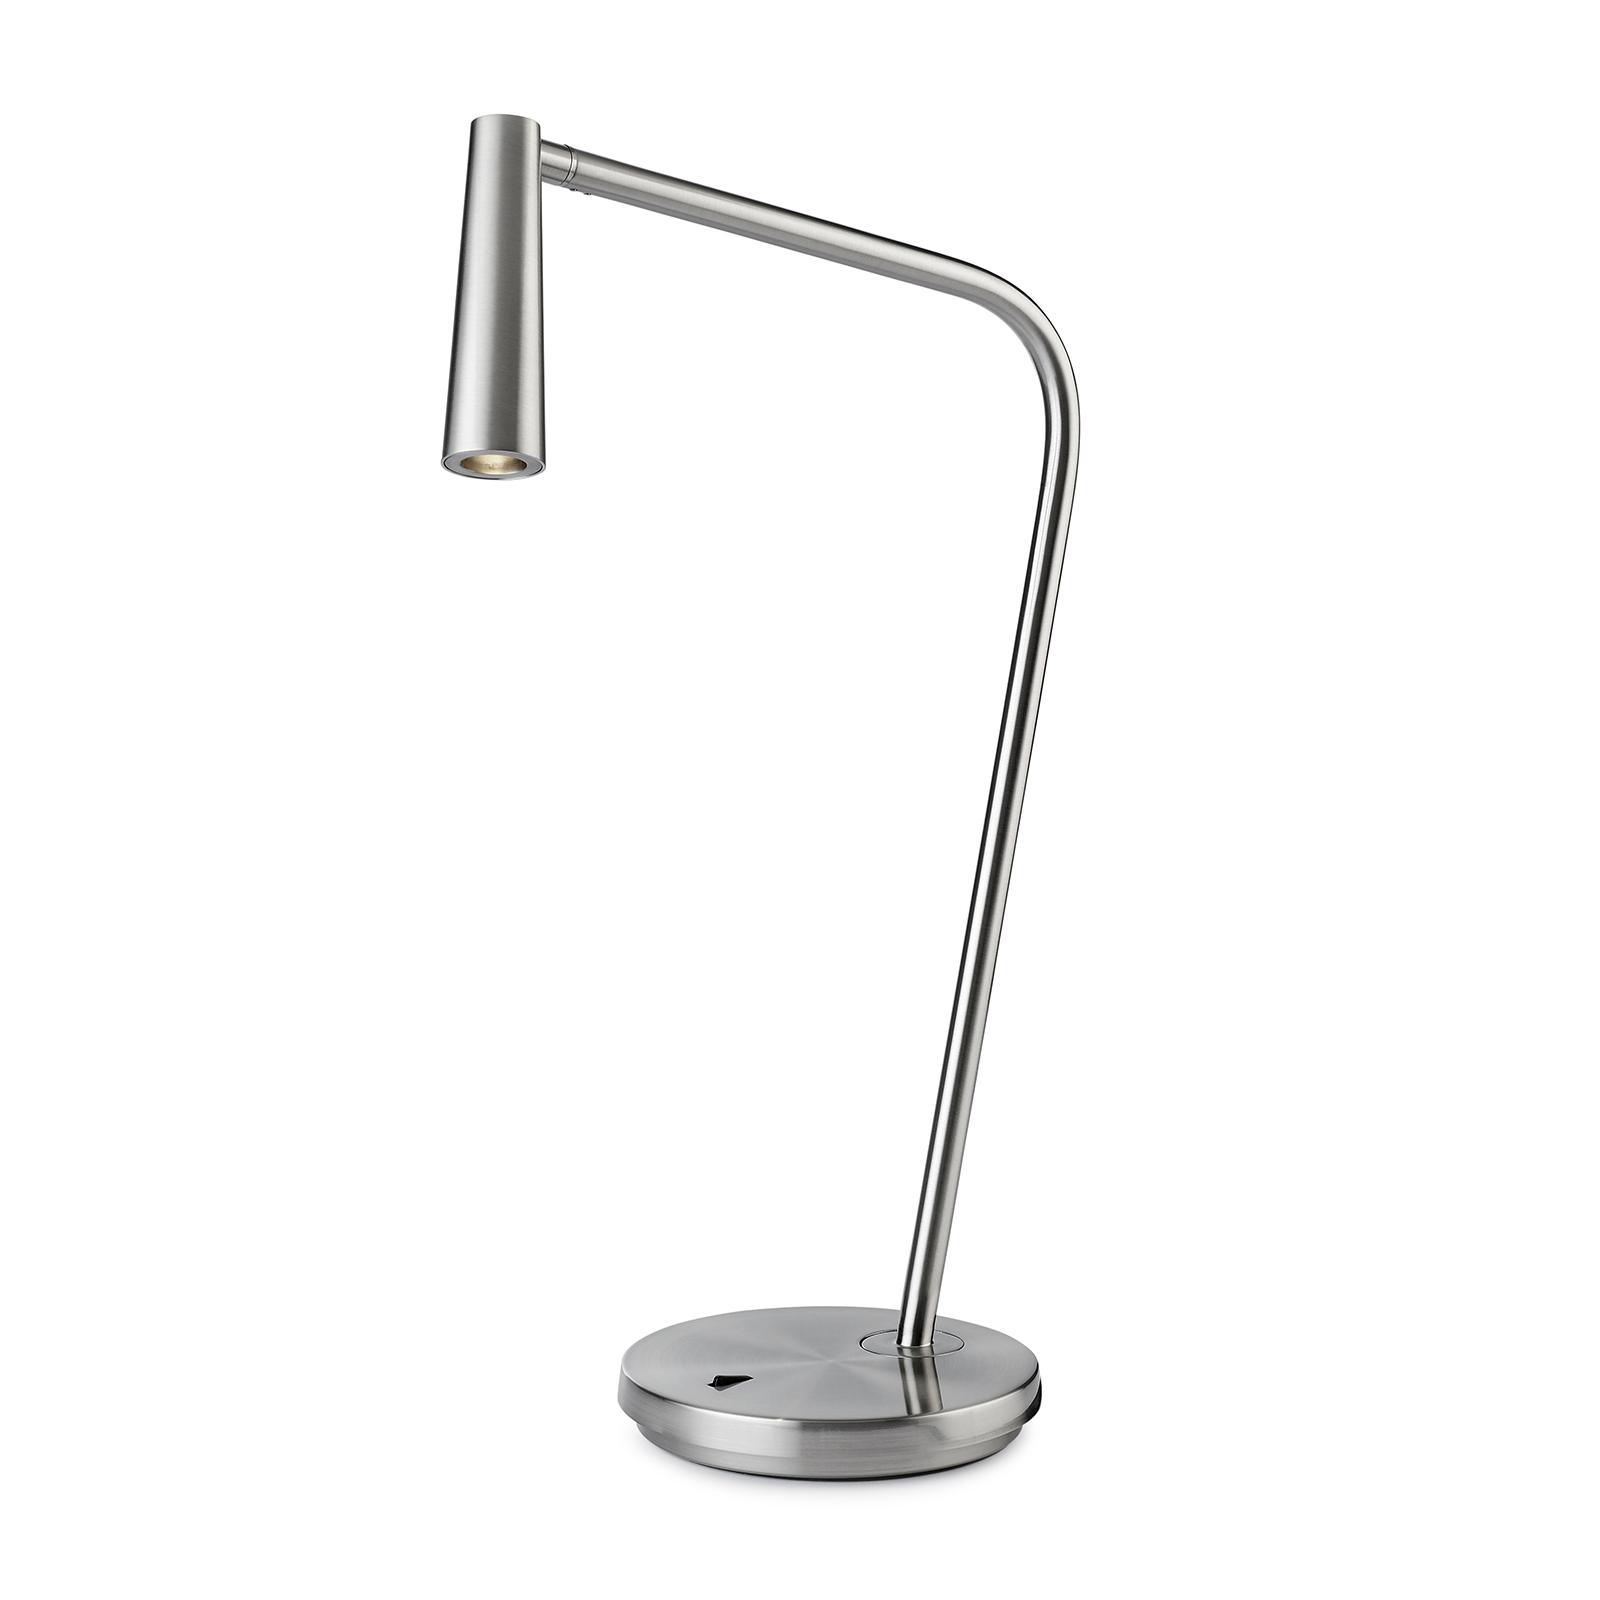 LEDS-C4 Gamma lampe à poser LED nickel satiné